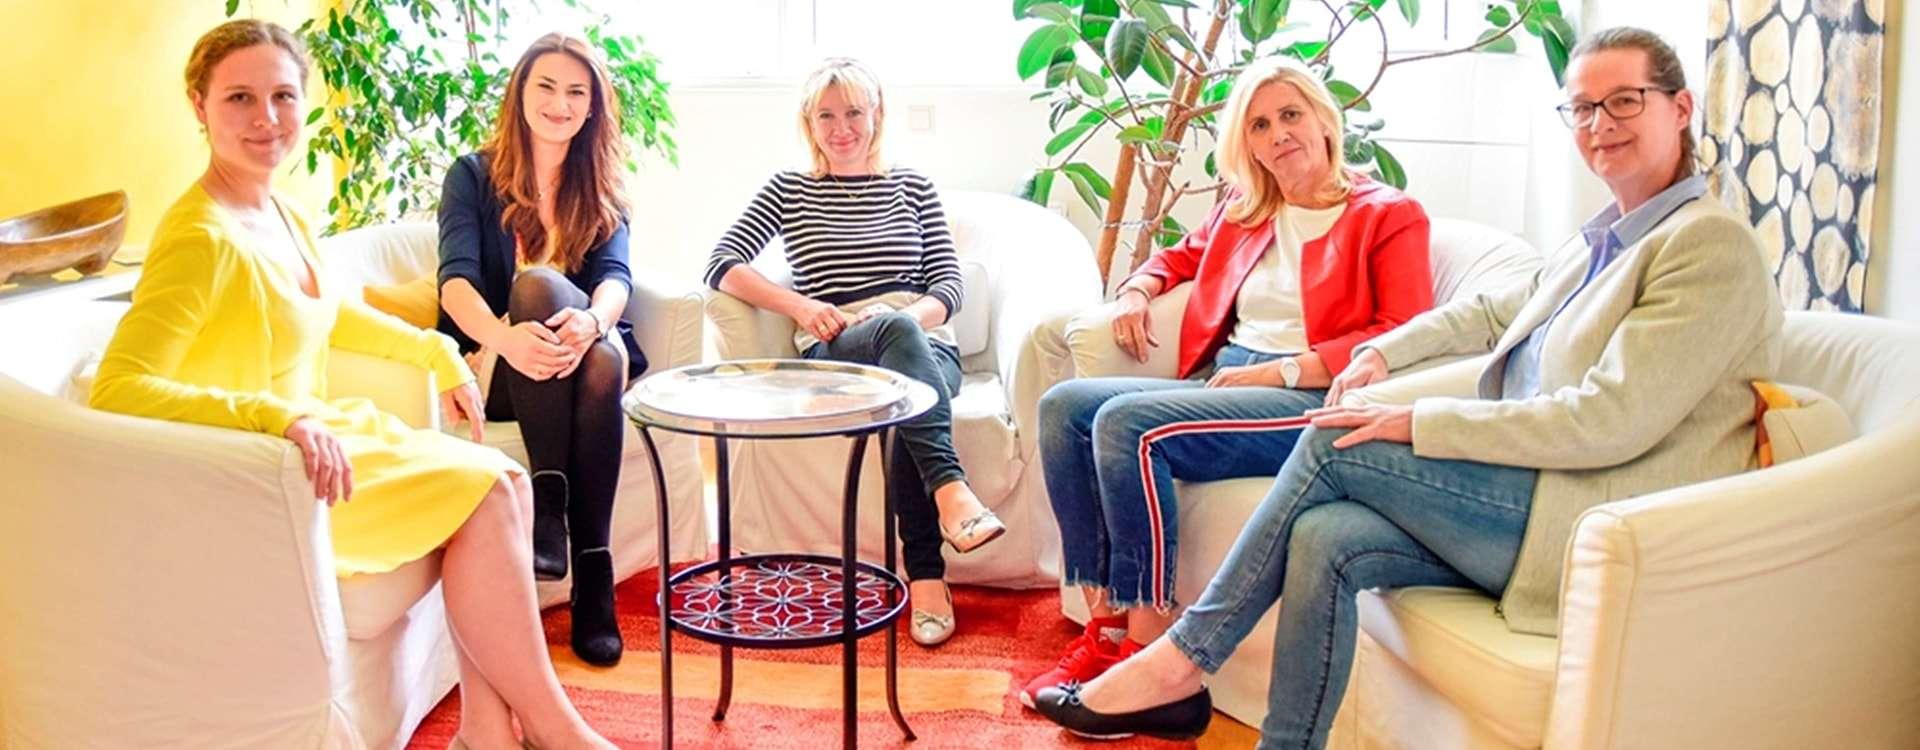 Karin Schöffmann-Watzin, Patricia Baldauf mit Team!